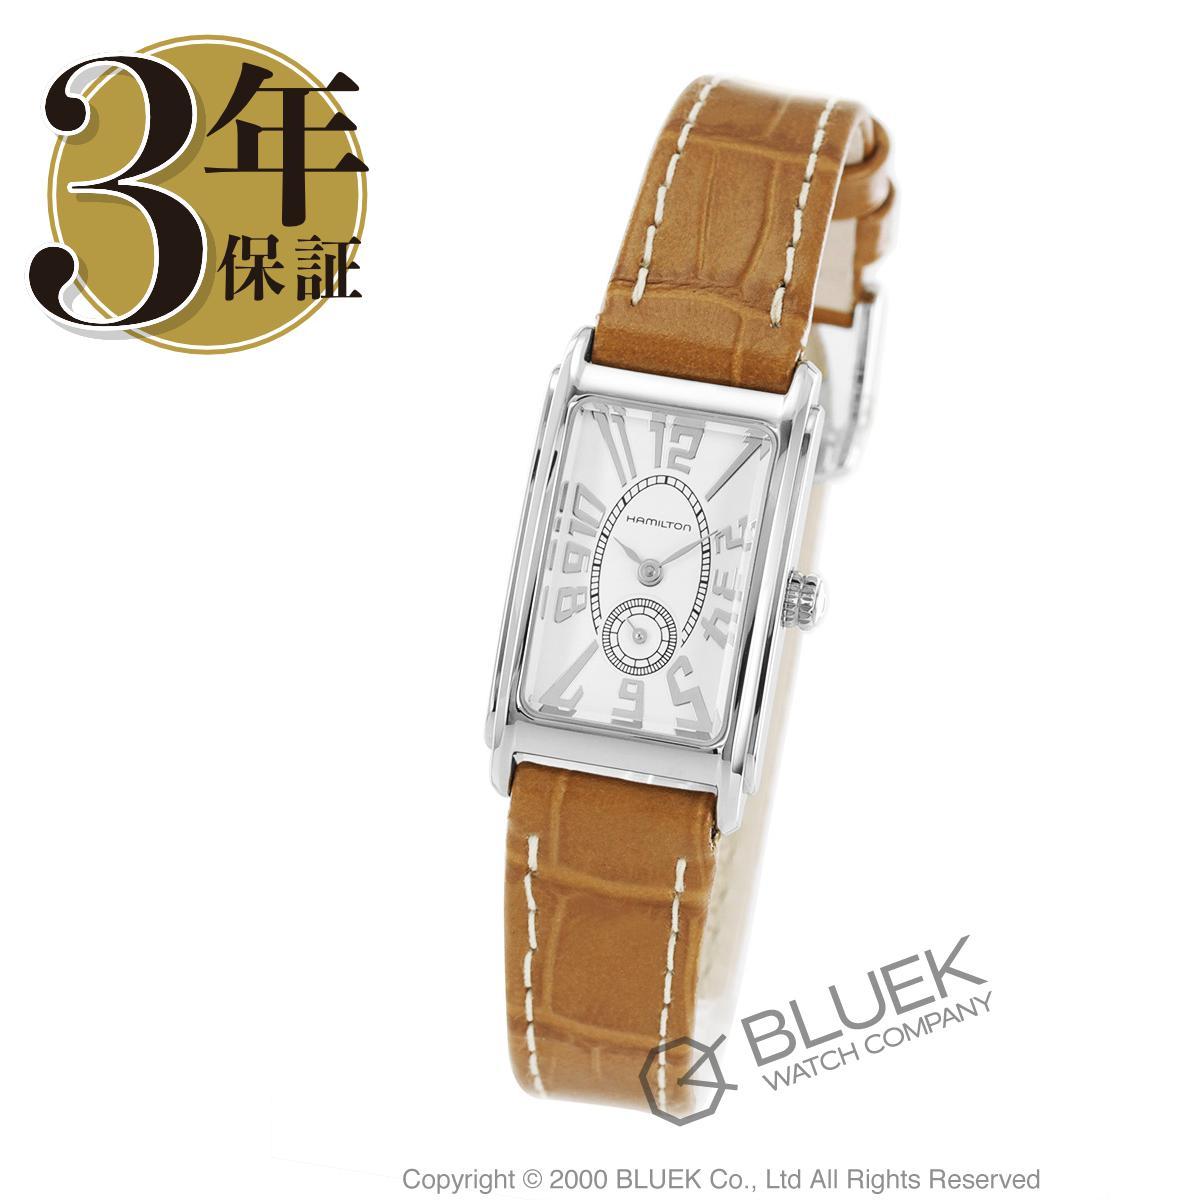 ハミルトン アードモア 腕時計 レディース HAMILTON H11211553_8 バーゲン ギフト プレゼント